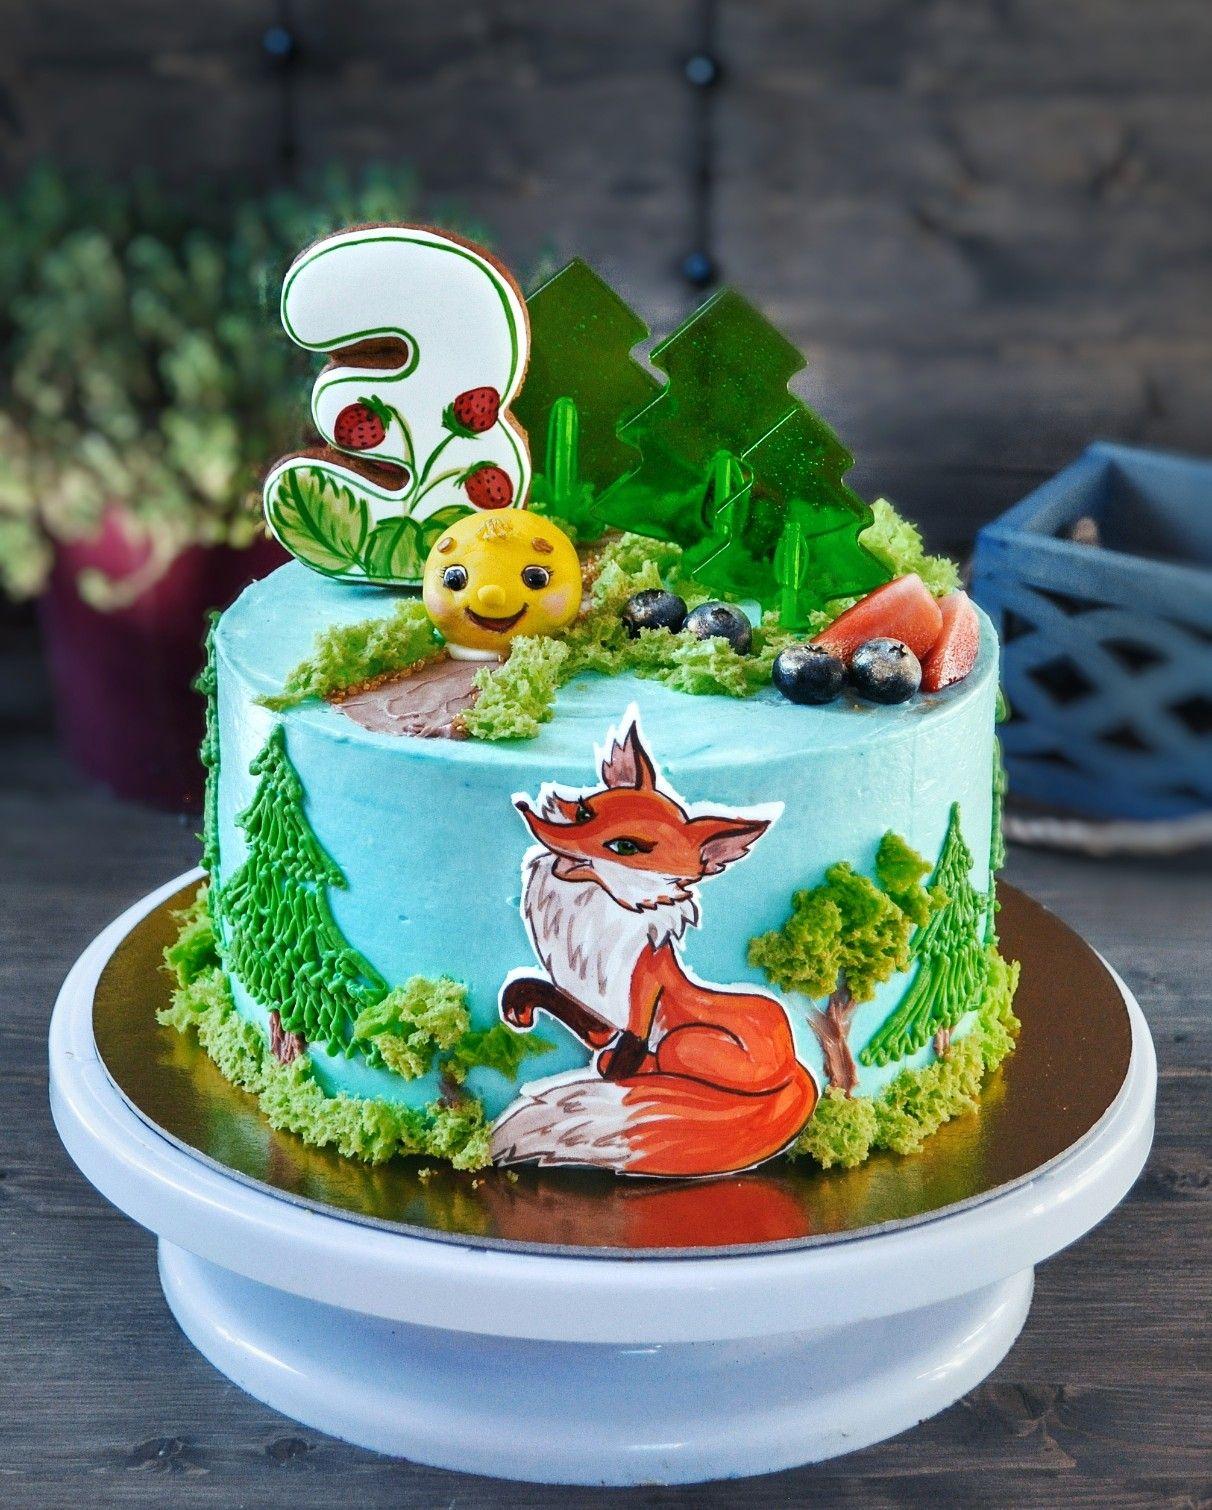 ней торт со сказочными персонажами своими руками фото больше размер